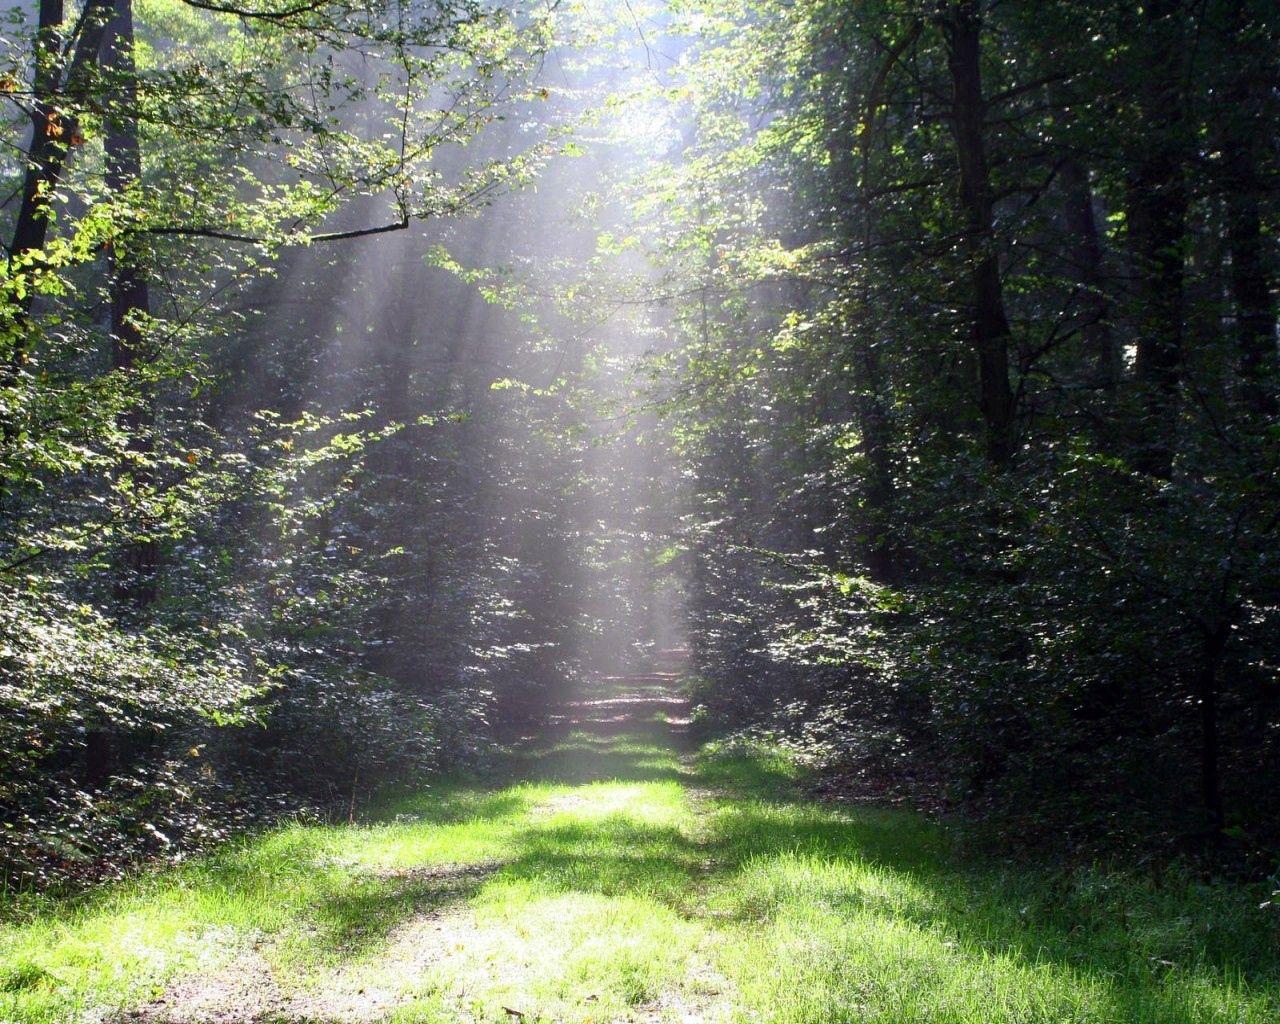 154120壁紙のダウンロード自然, 輝く, 光, ビーム, 光線, トレイル, パス, 木, 草, 森林, 森, グリーンズ, 菜, サン-スクリーンセーバーと写真を無料で